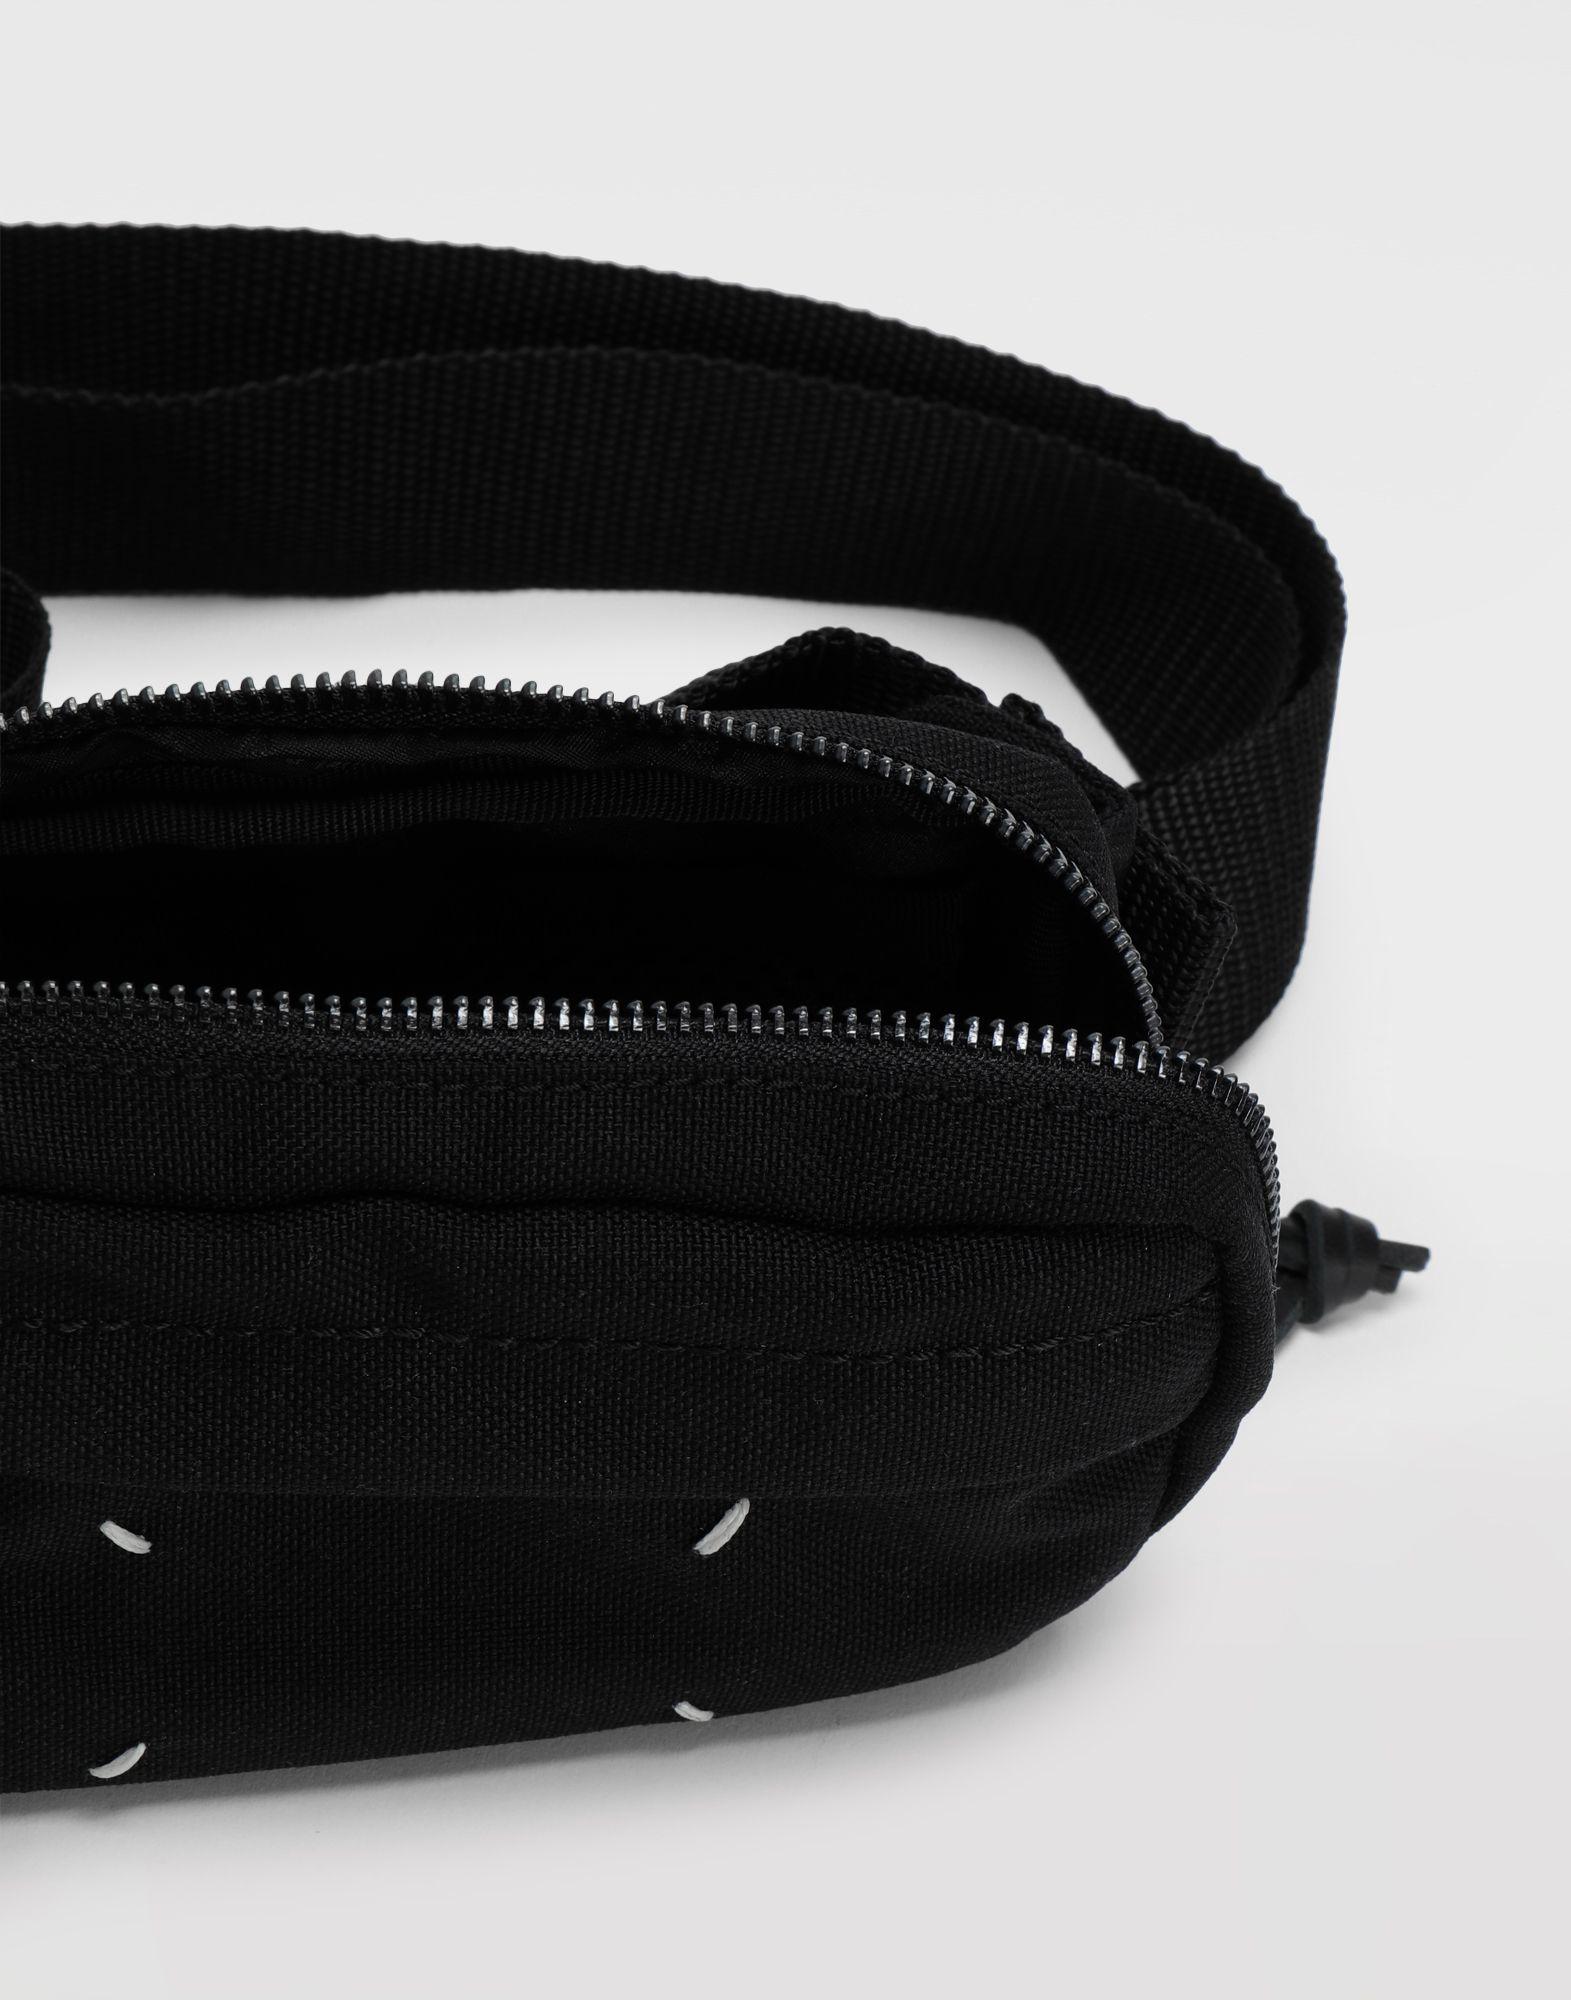 MAISON MARGIELA Сумка с ремешком на молнии Поясная сумка Для Мужчин a